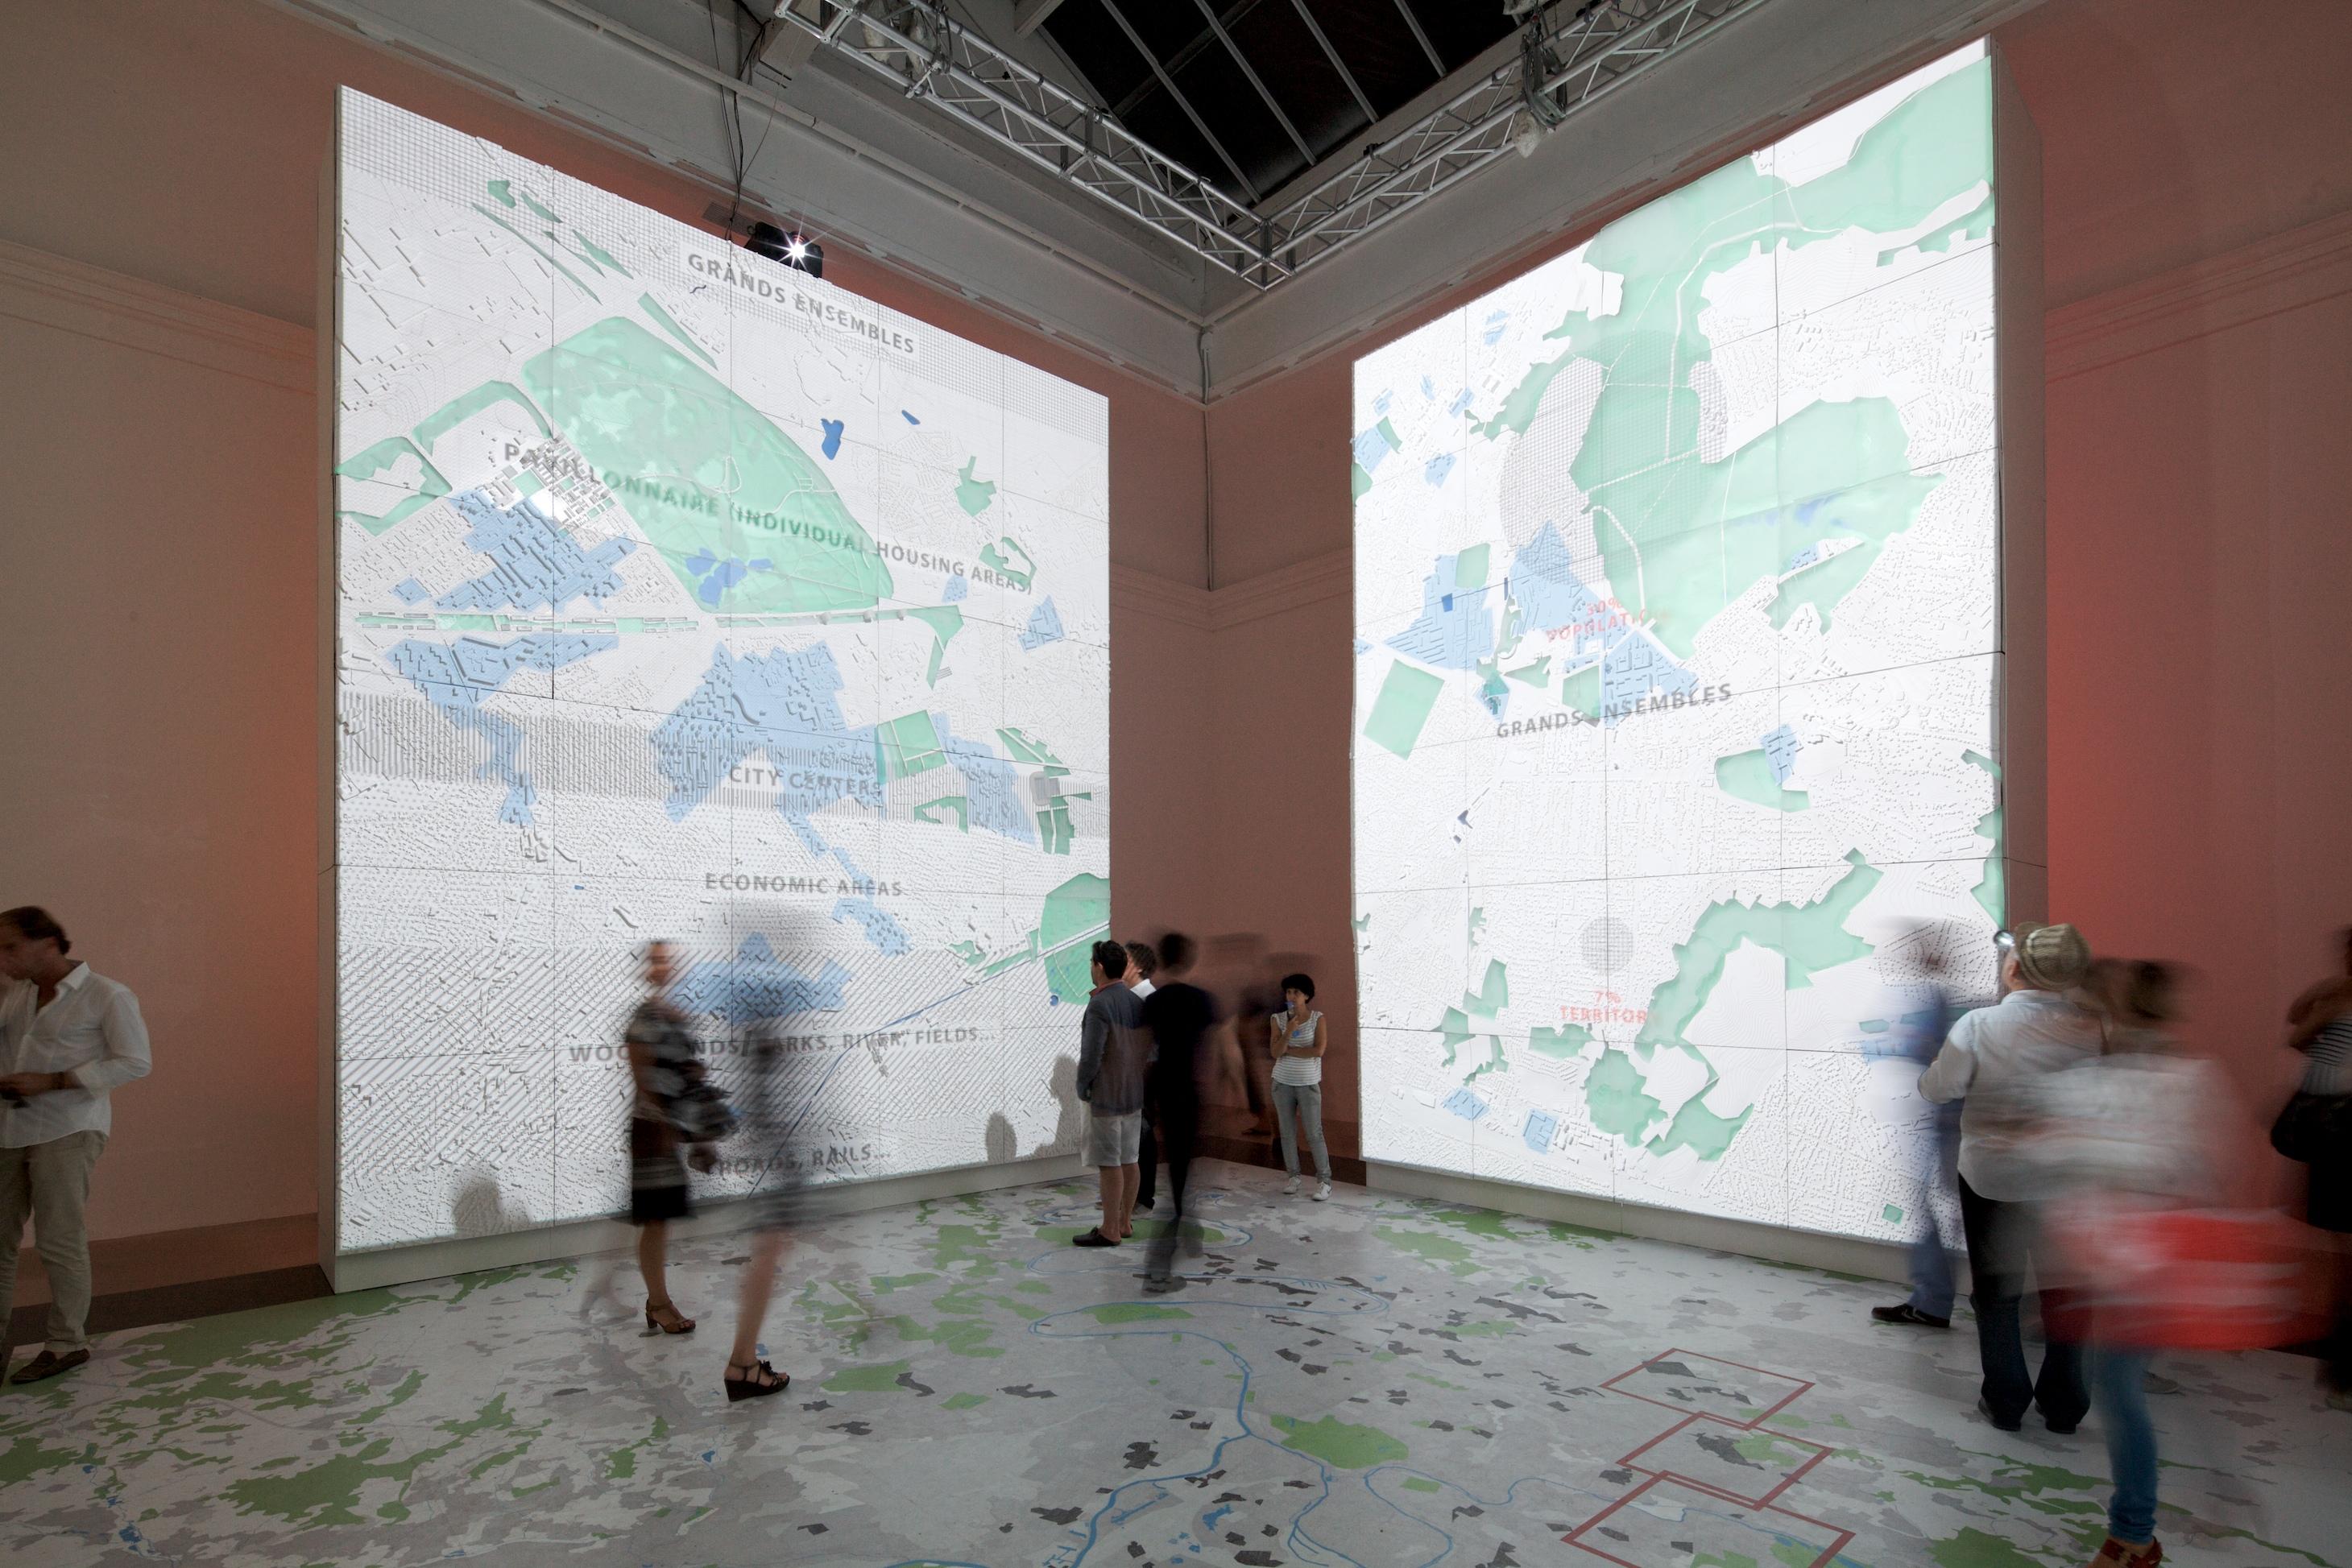 """Bienal de Veneza 2012: """"Grands & Ensembles"""" / Pavilhão da França, © Nico Saieh"""